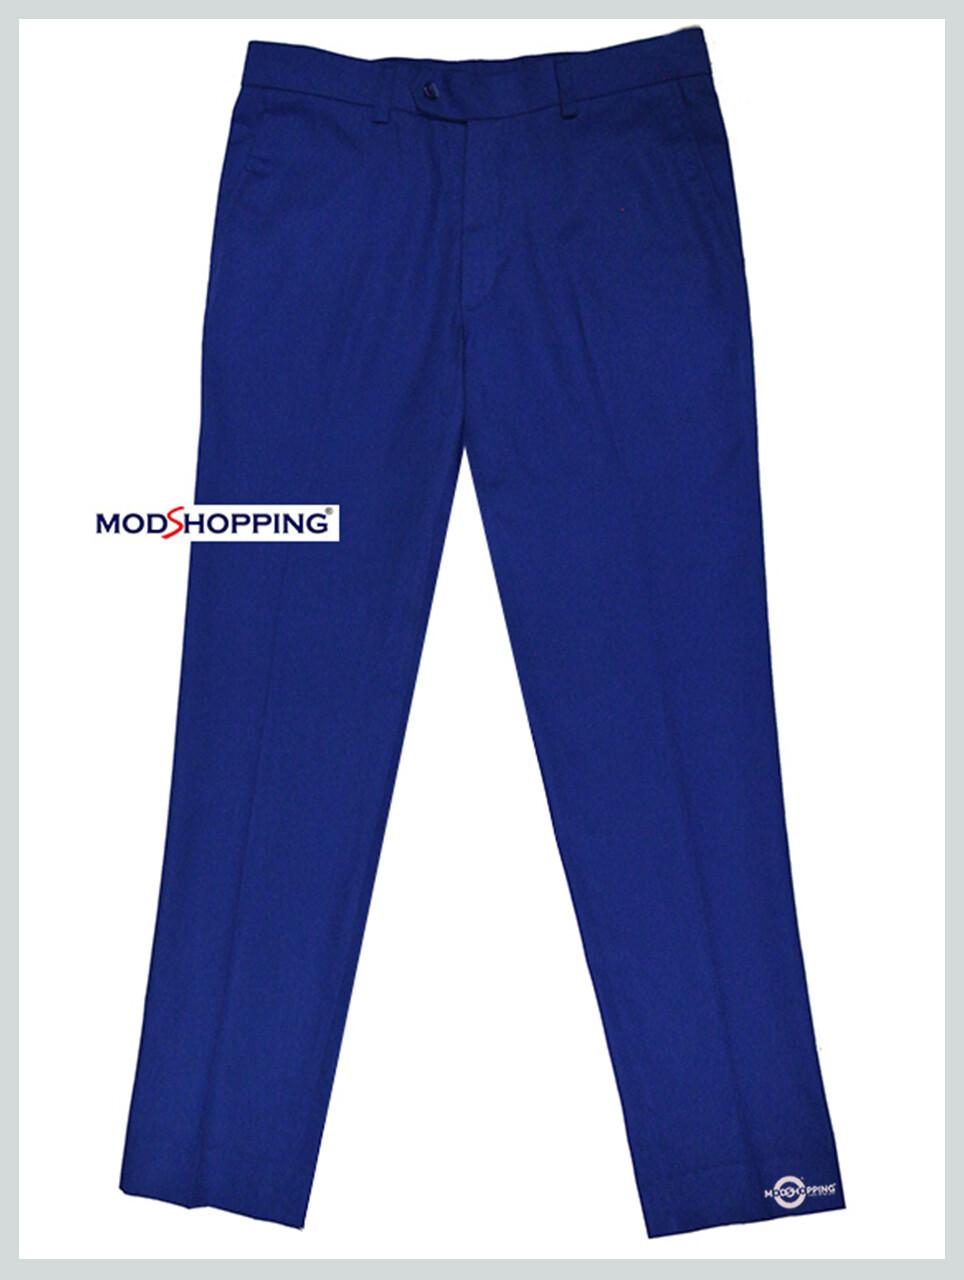 Sta Press Trousers| Retro Mod Bright Blue Men Trouser